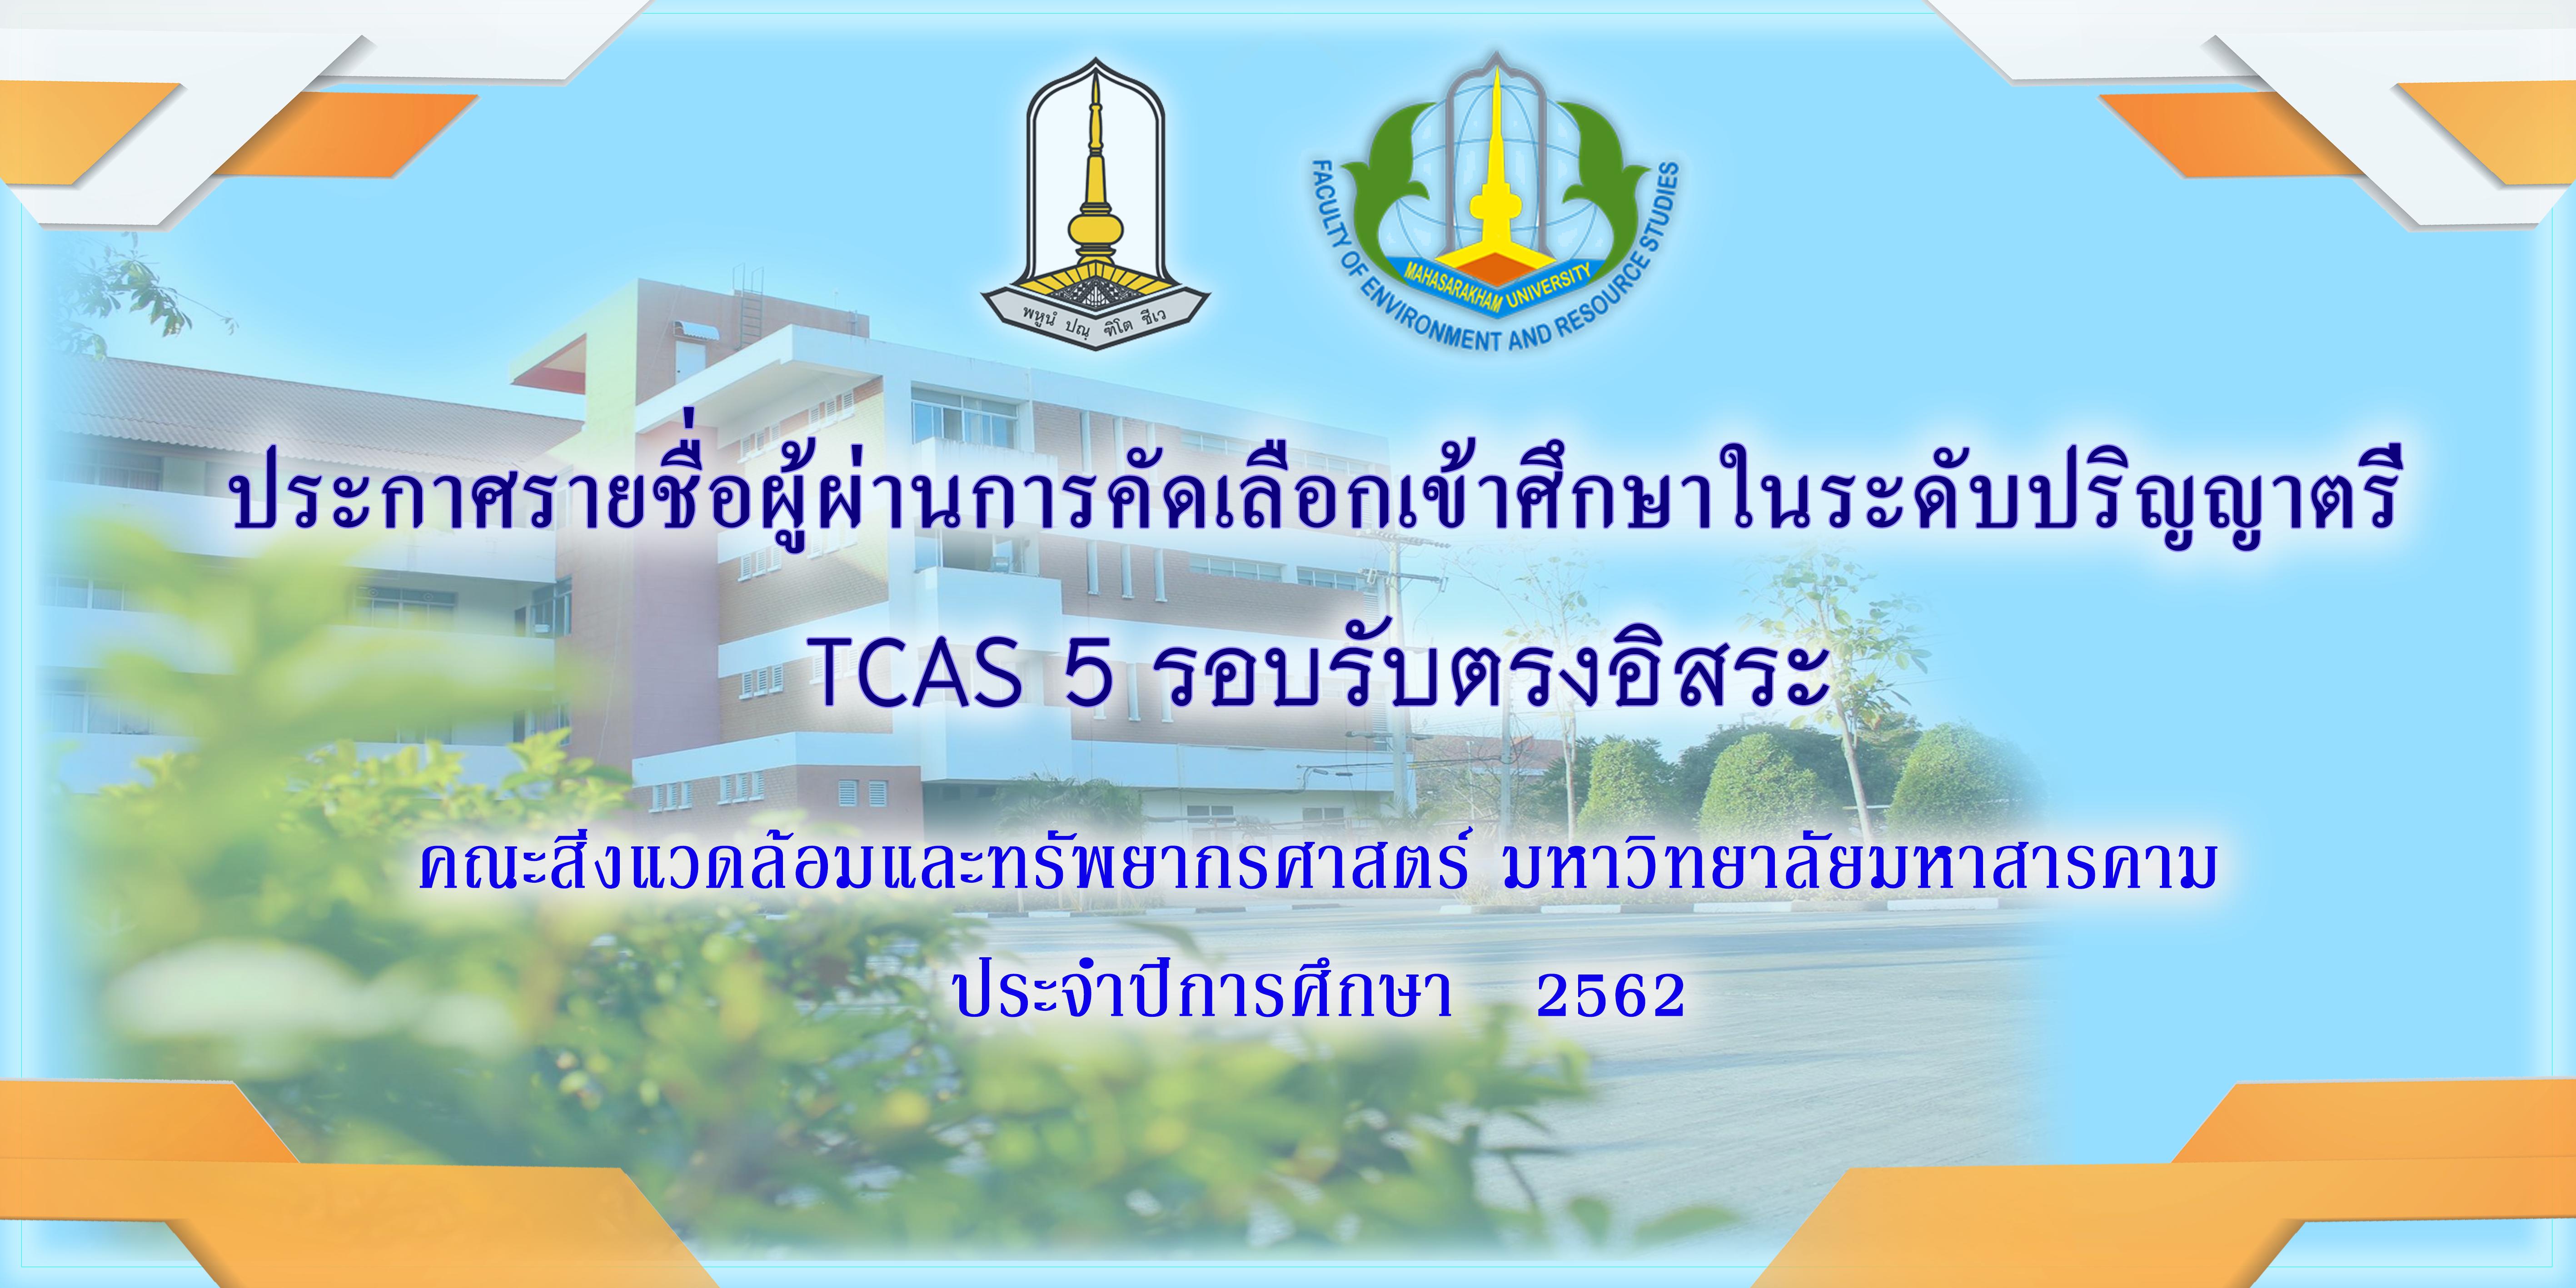 ประกาศรายชื่อผู้มีสิทธิ์สอบสัมภาษณ์บุคคลเข้าศึกษาในระดับปริญญาตรี TCAS 5